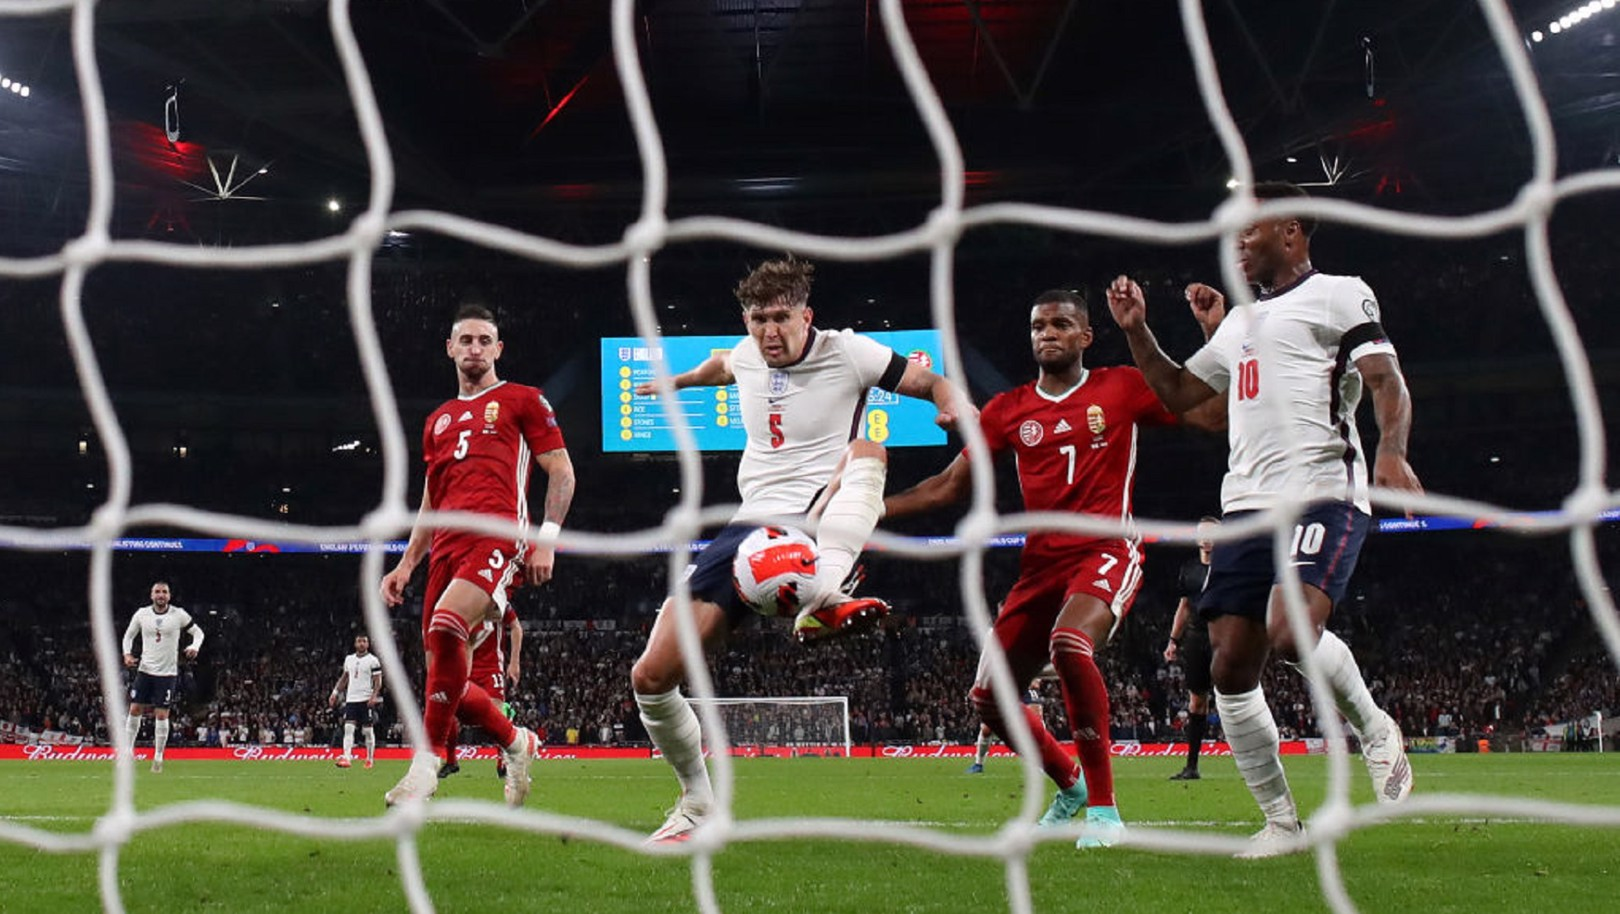 อังกฤษ 1-1 ฮังการี กับค่ำคืนประวัติศาสตร์ของแข้งซิตี้